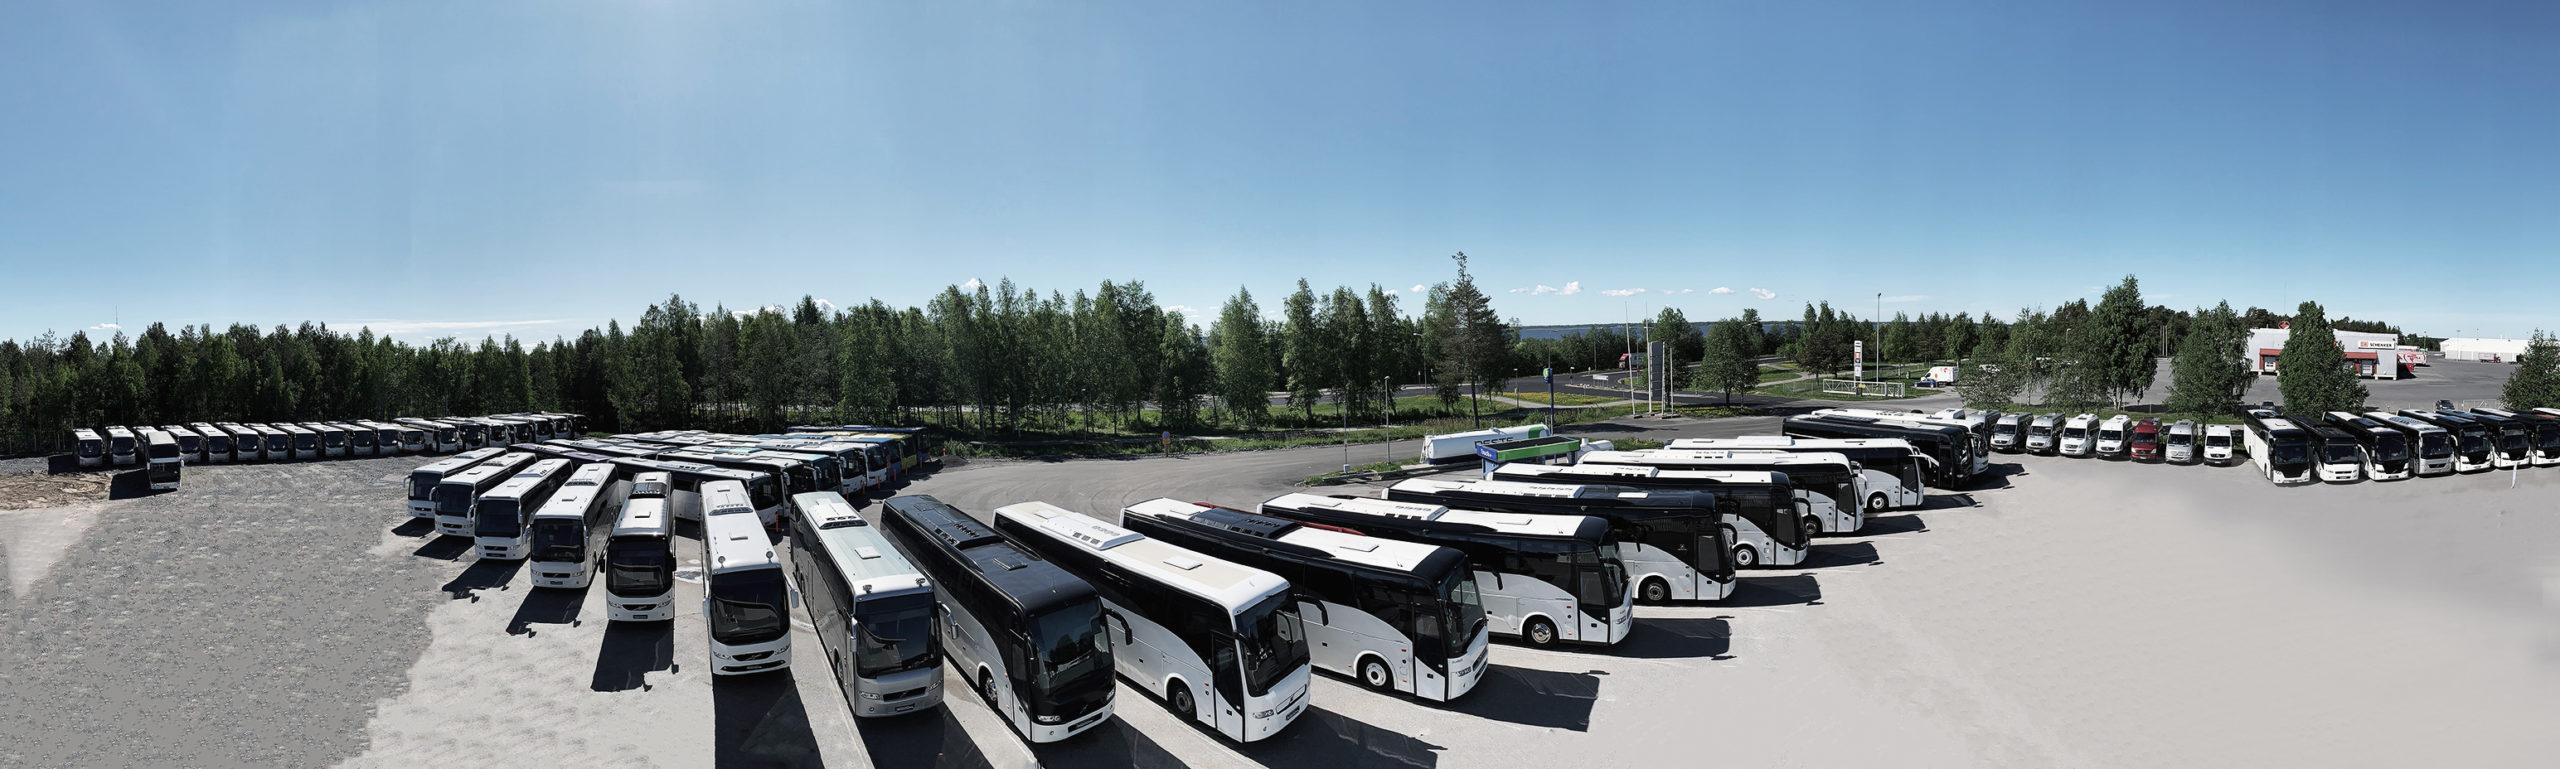 myydään-käytetyt-bussit-ja-linja-autot